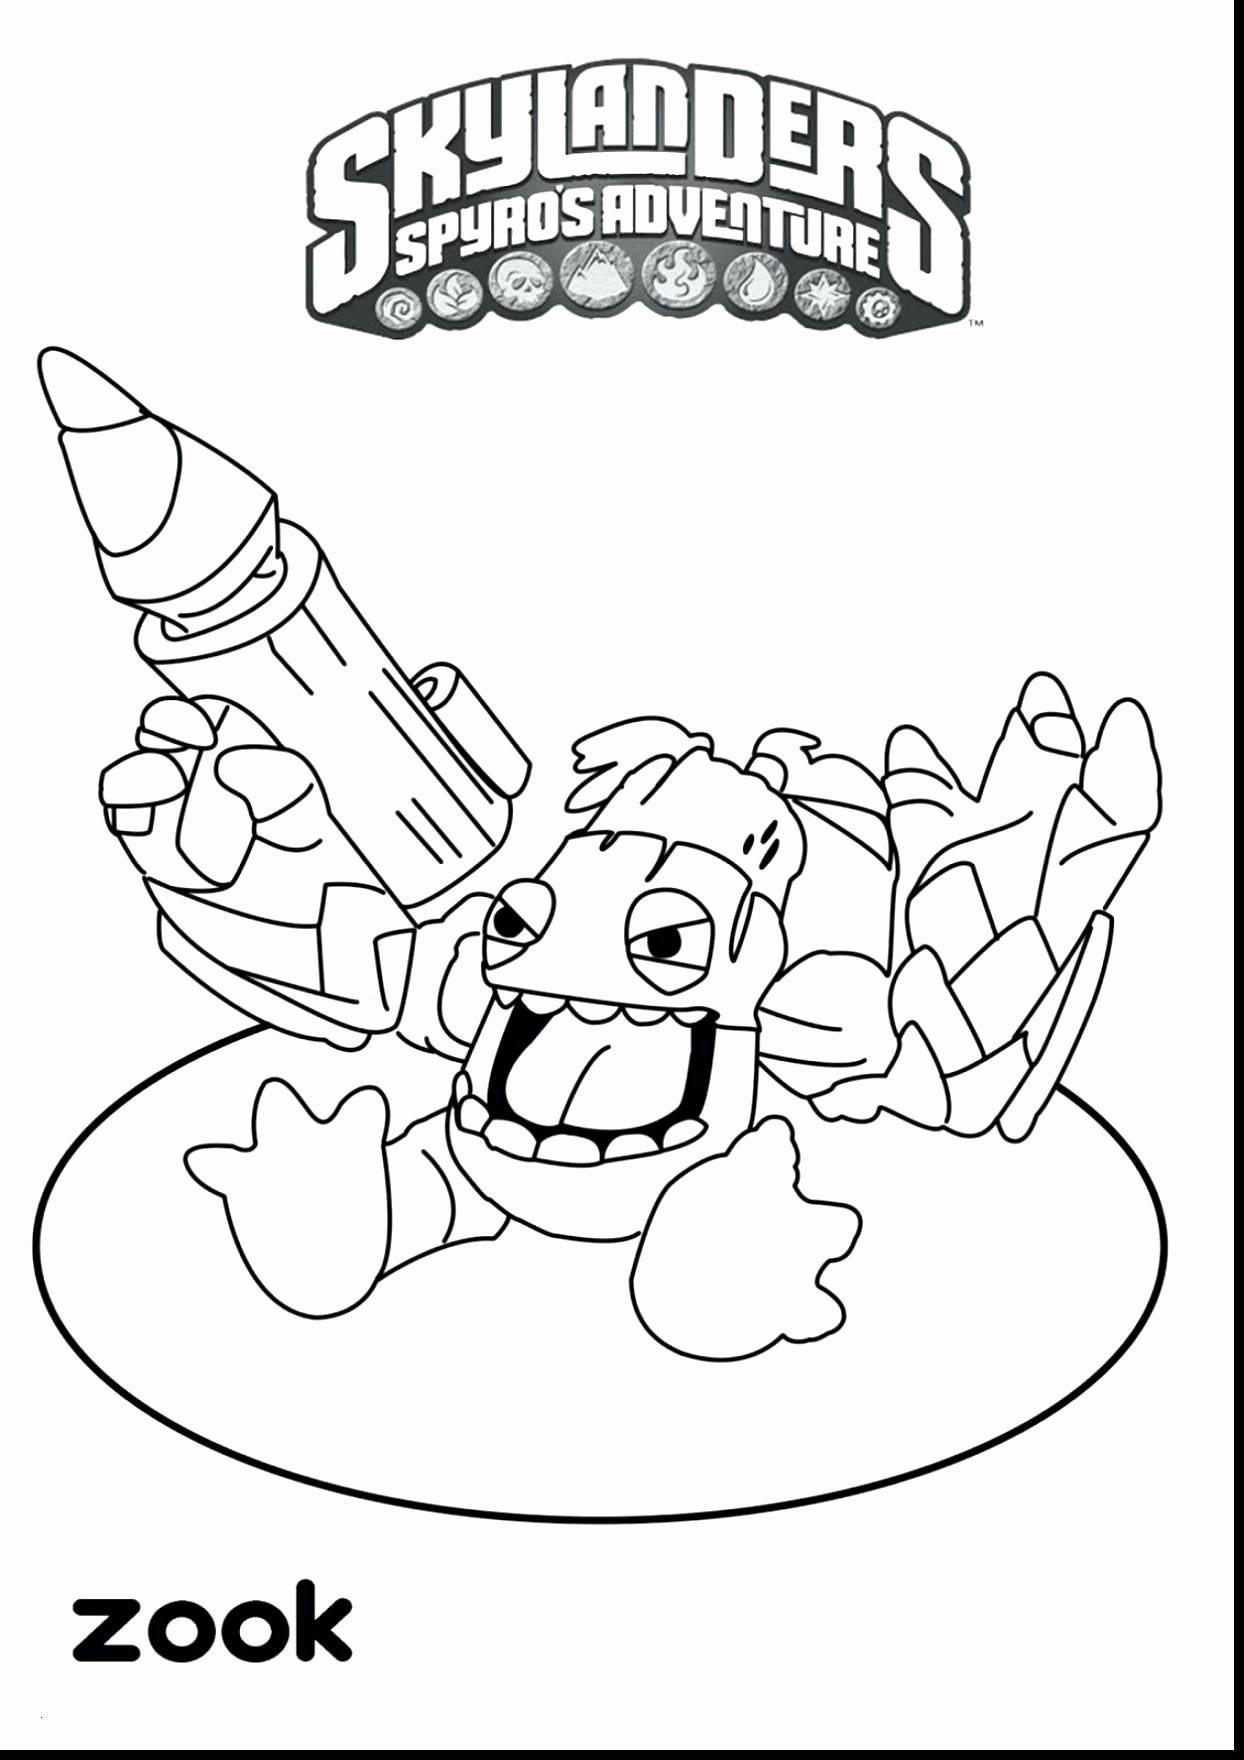 Spongebob Bilder Zum Ausmalen Das Beste Von Spongebob Malbuch Spiel Verführerisch 35 Spongebob Ausmalbilder Bilder